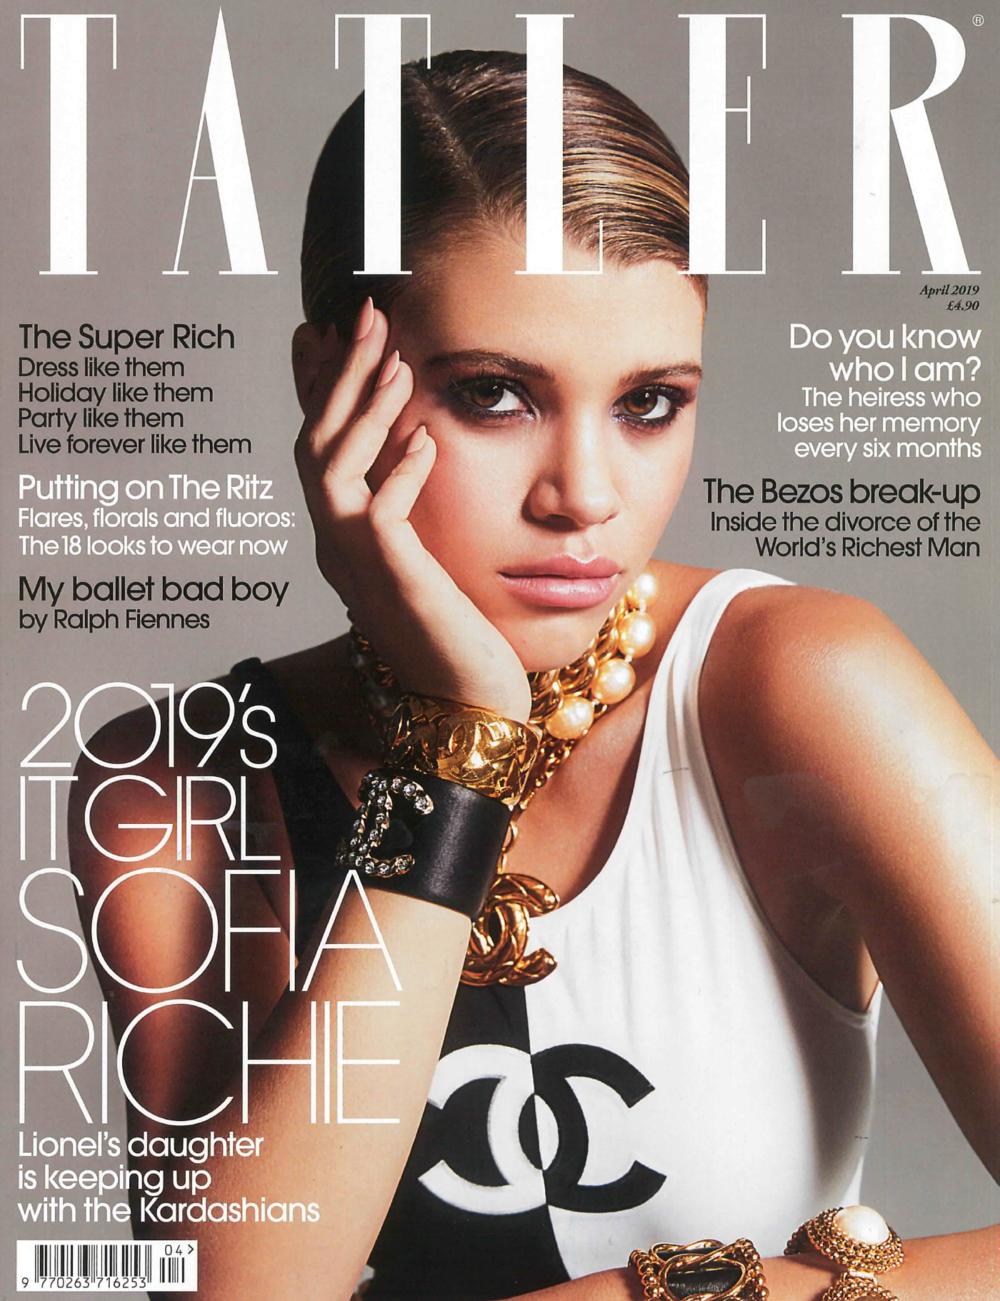 Tatler UK April 2019 Issue - Advertorial